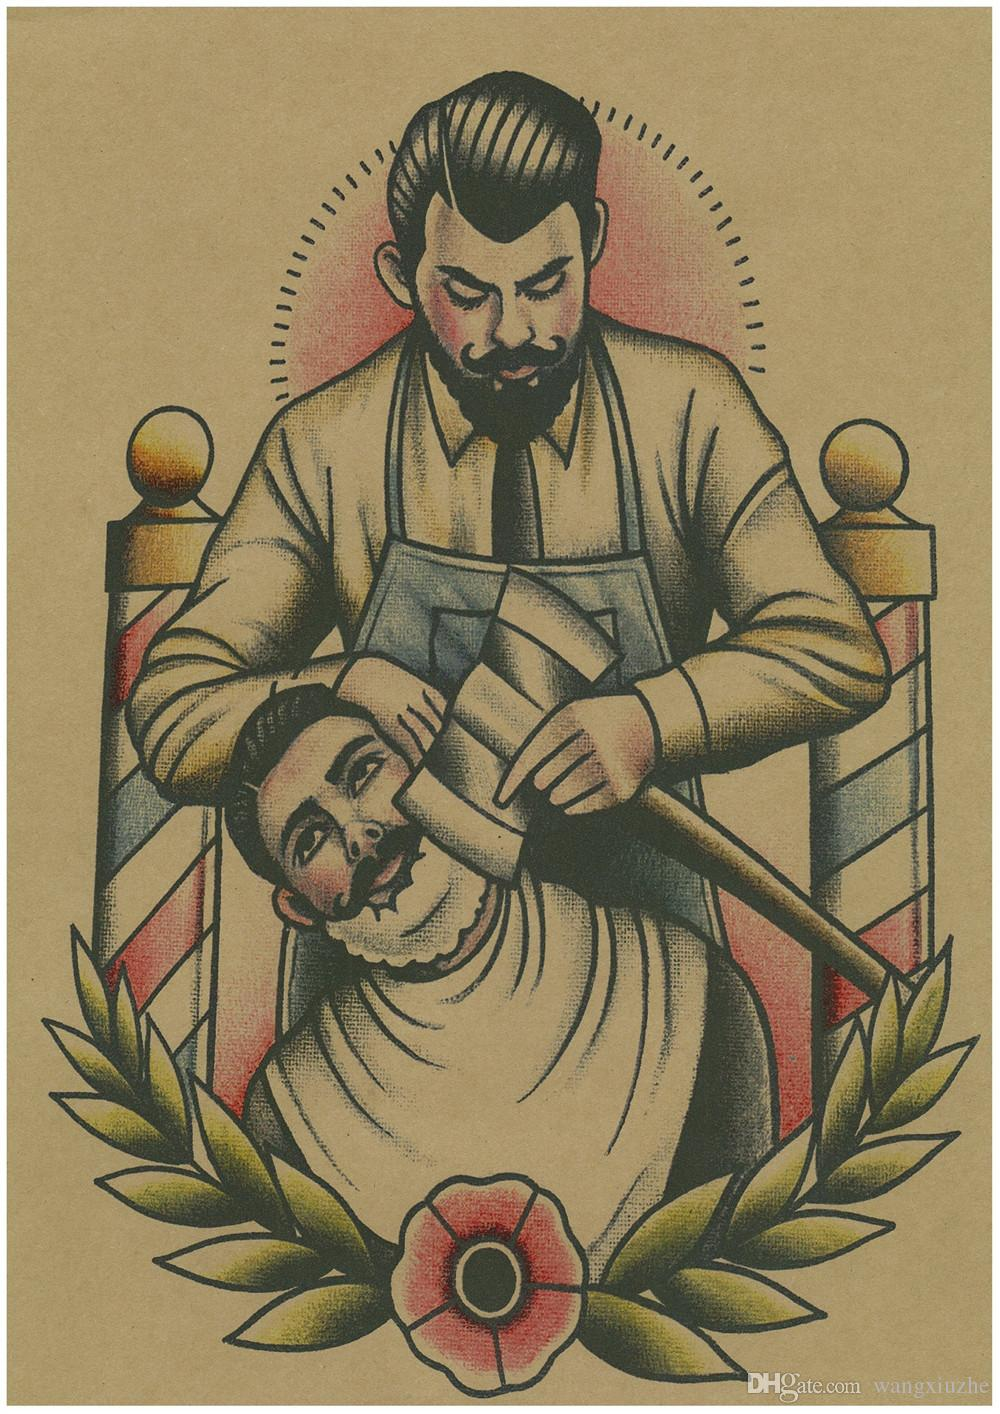 spedizione gratuita Vintage Parrucchiere Tatuaggi a fantasia Poster Carta kraft Pittura d'interni Restauro Adesivo da parete Negozio di barbieri Decorazione domestica